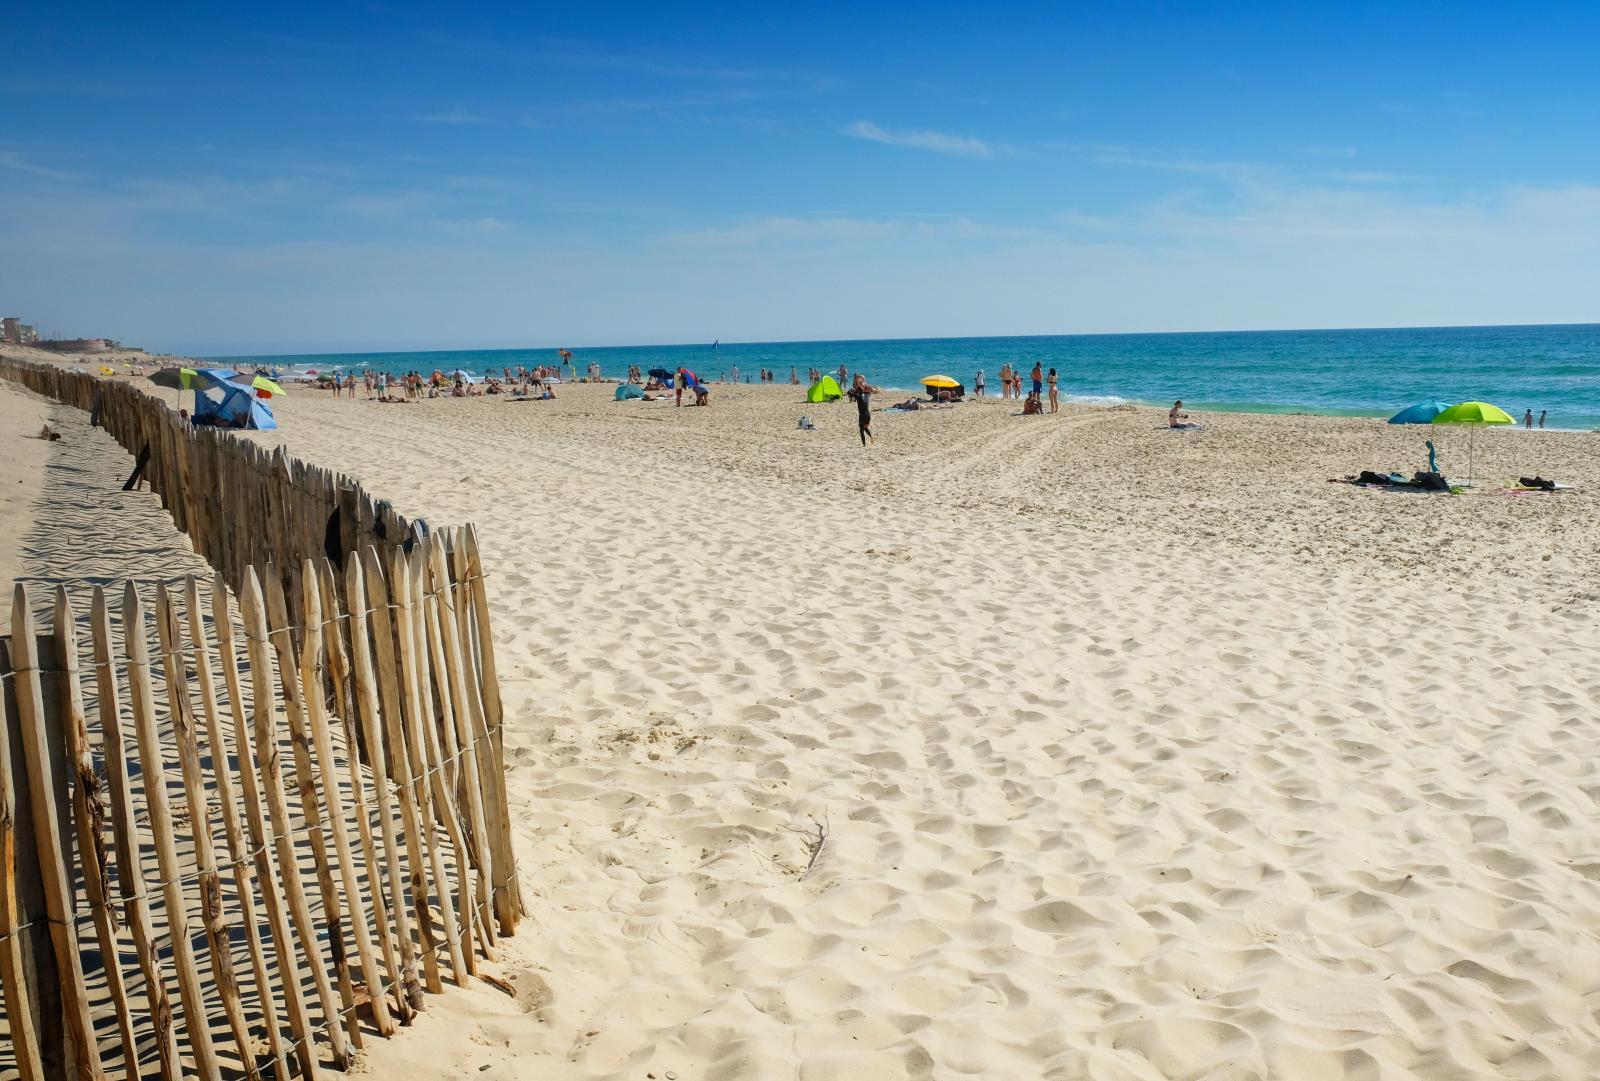 ... innan man når ner till sanddynerna och stranden.